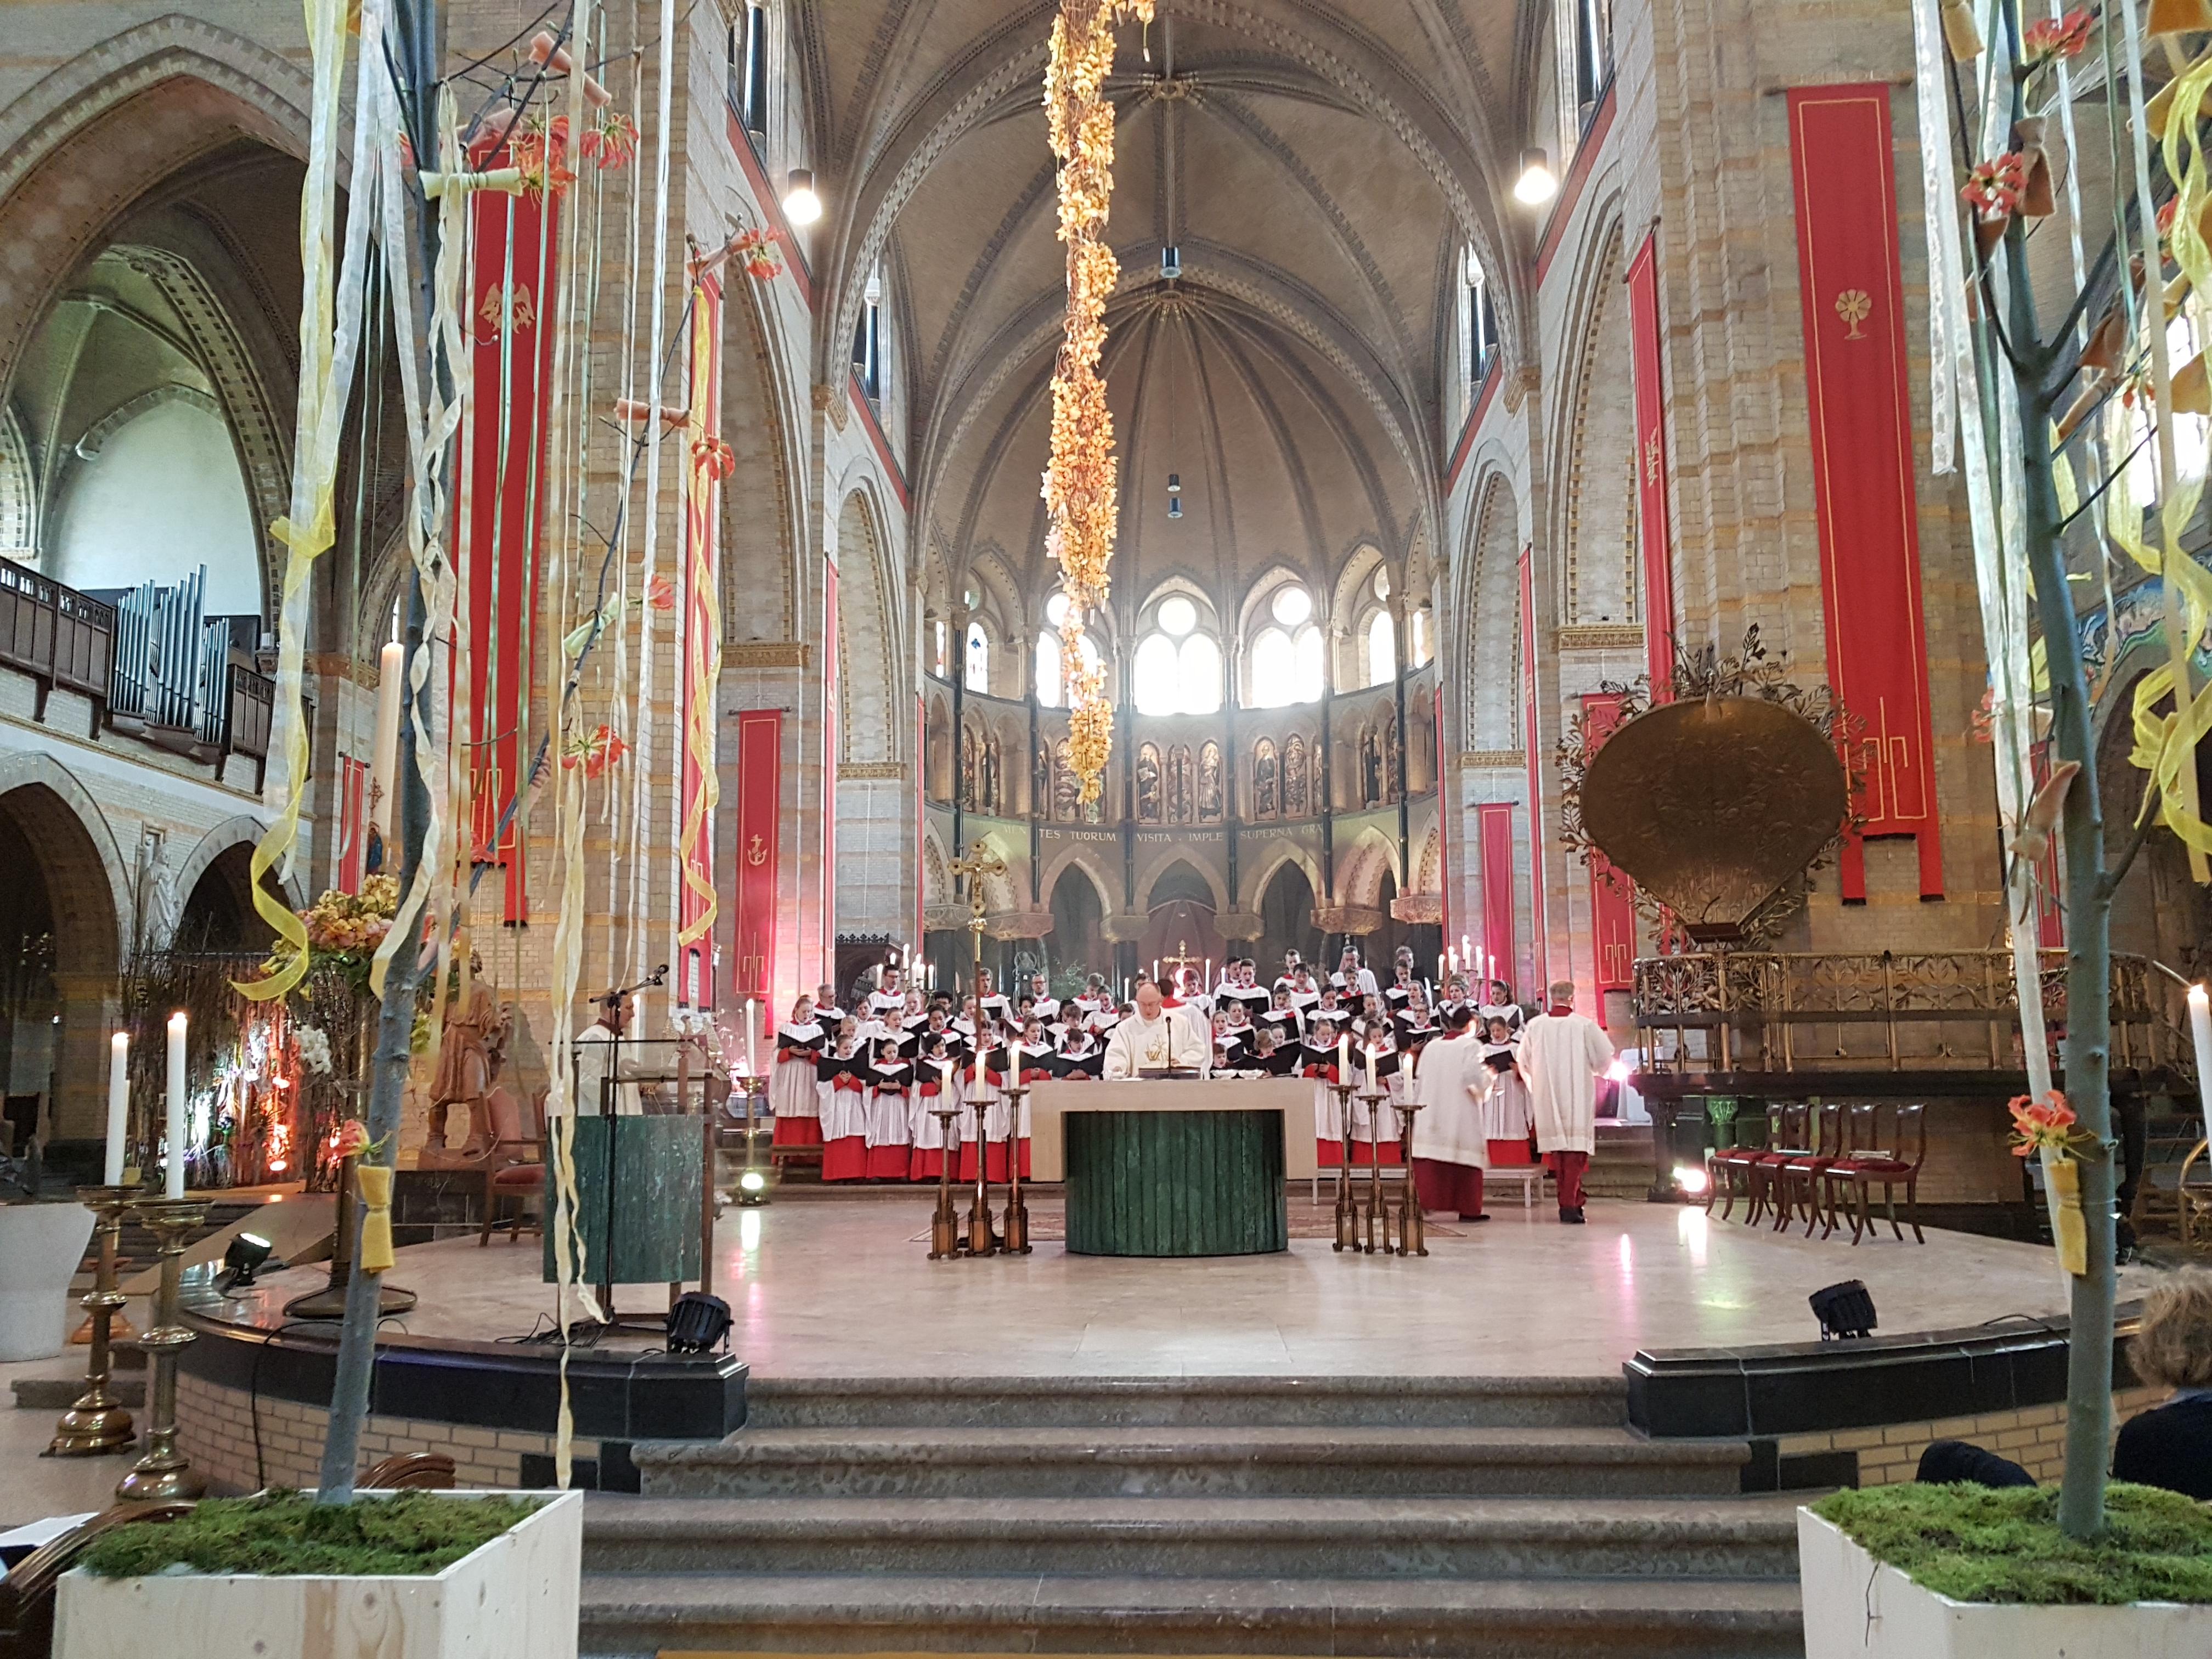 Kathedraal sint Bavo, 22 april, koorschool begeleidt H.Mis van 10 uur